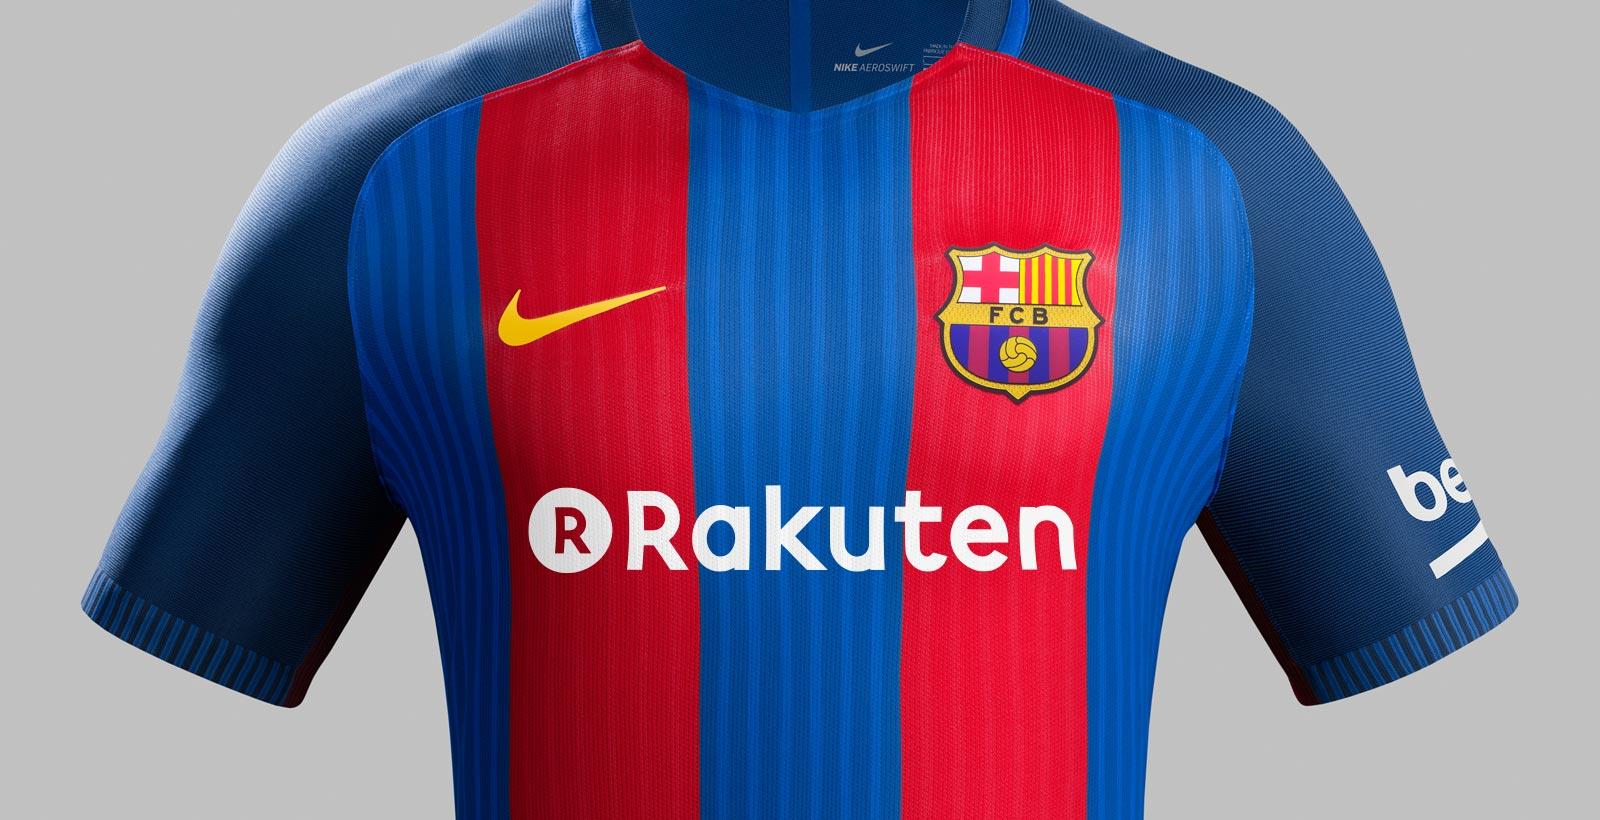 نتيجة بحث الصور عن barcelona rakuten